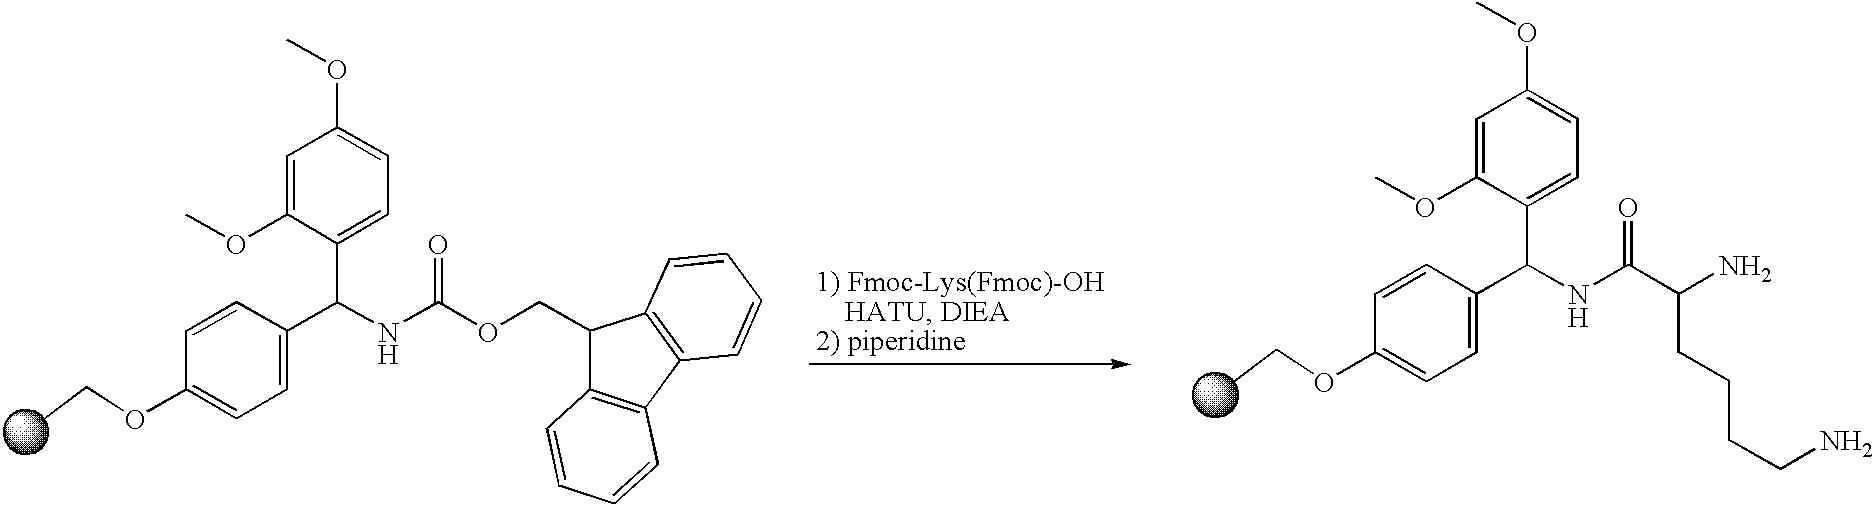 Figure US07528104-20090505-C00154